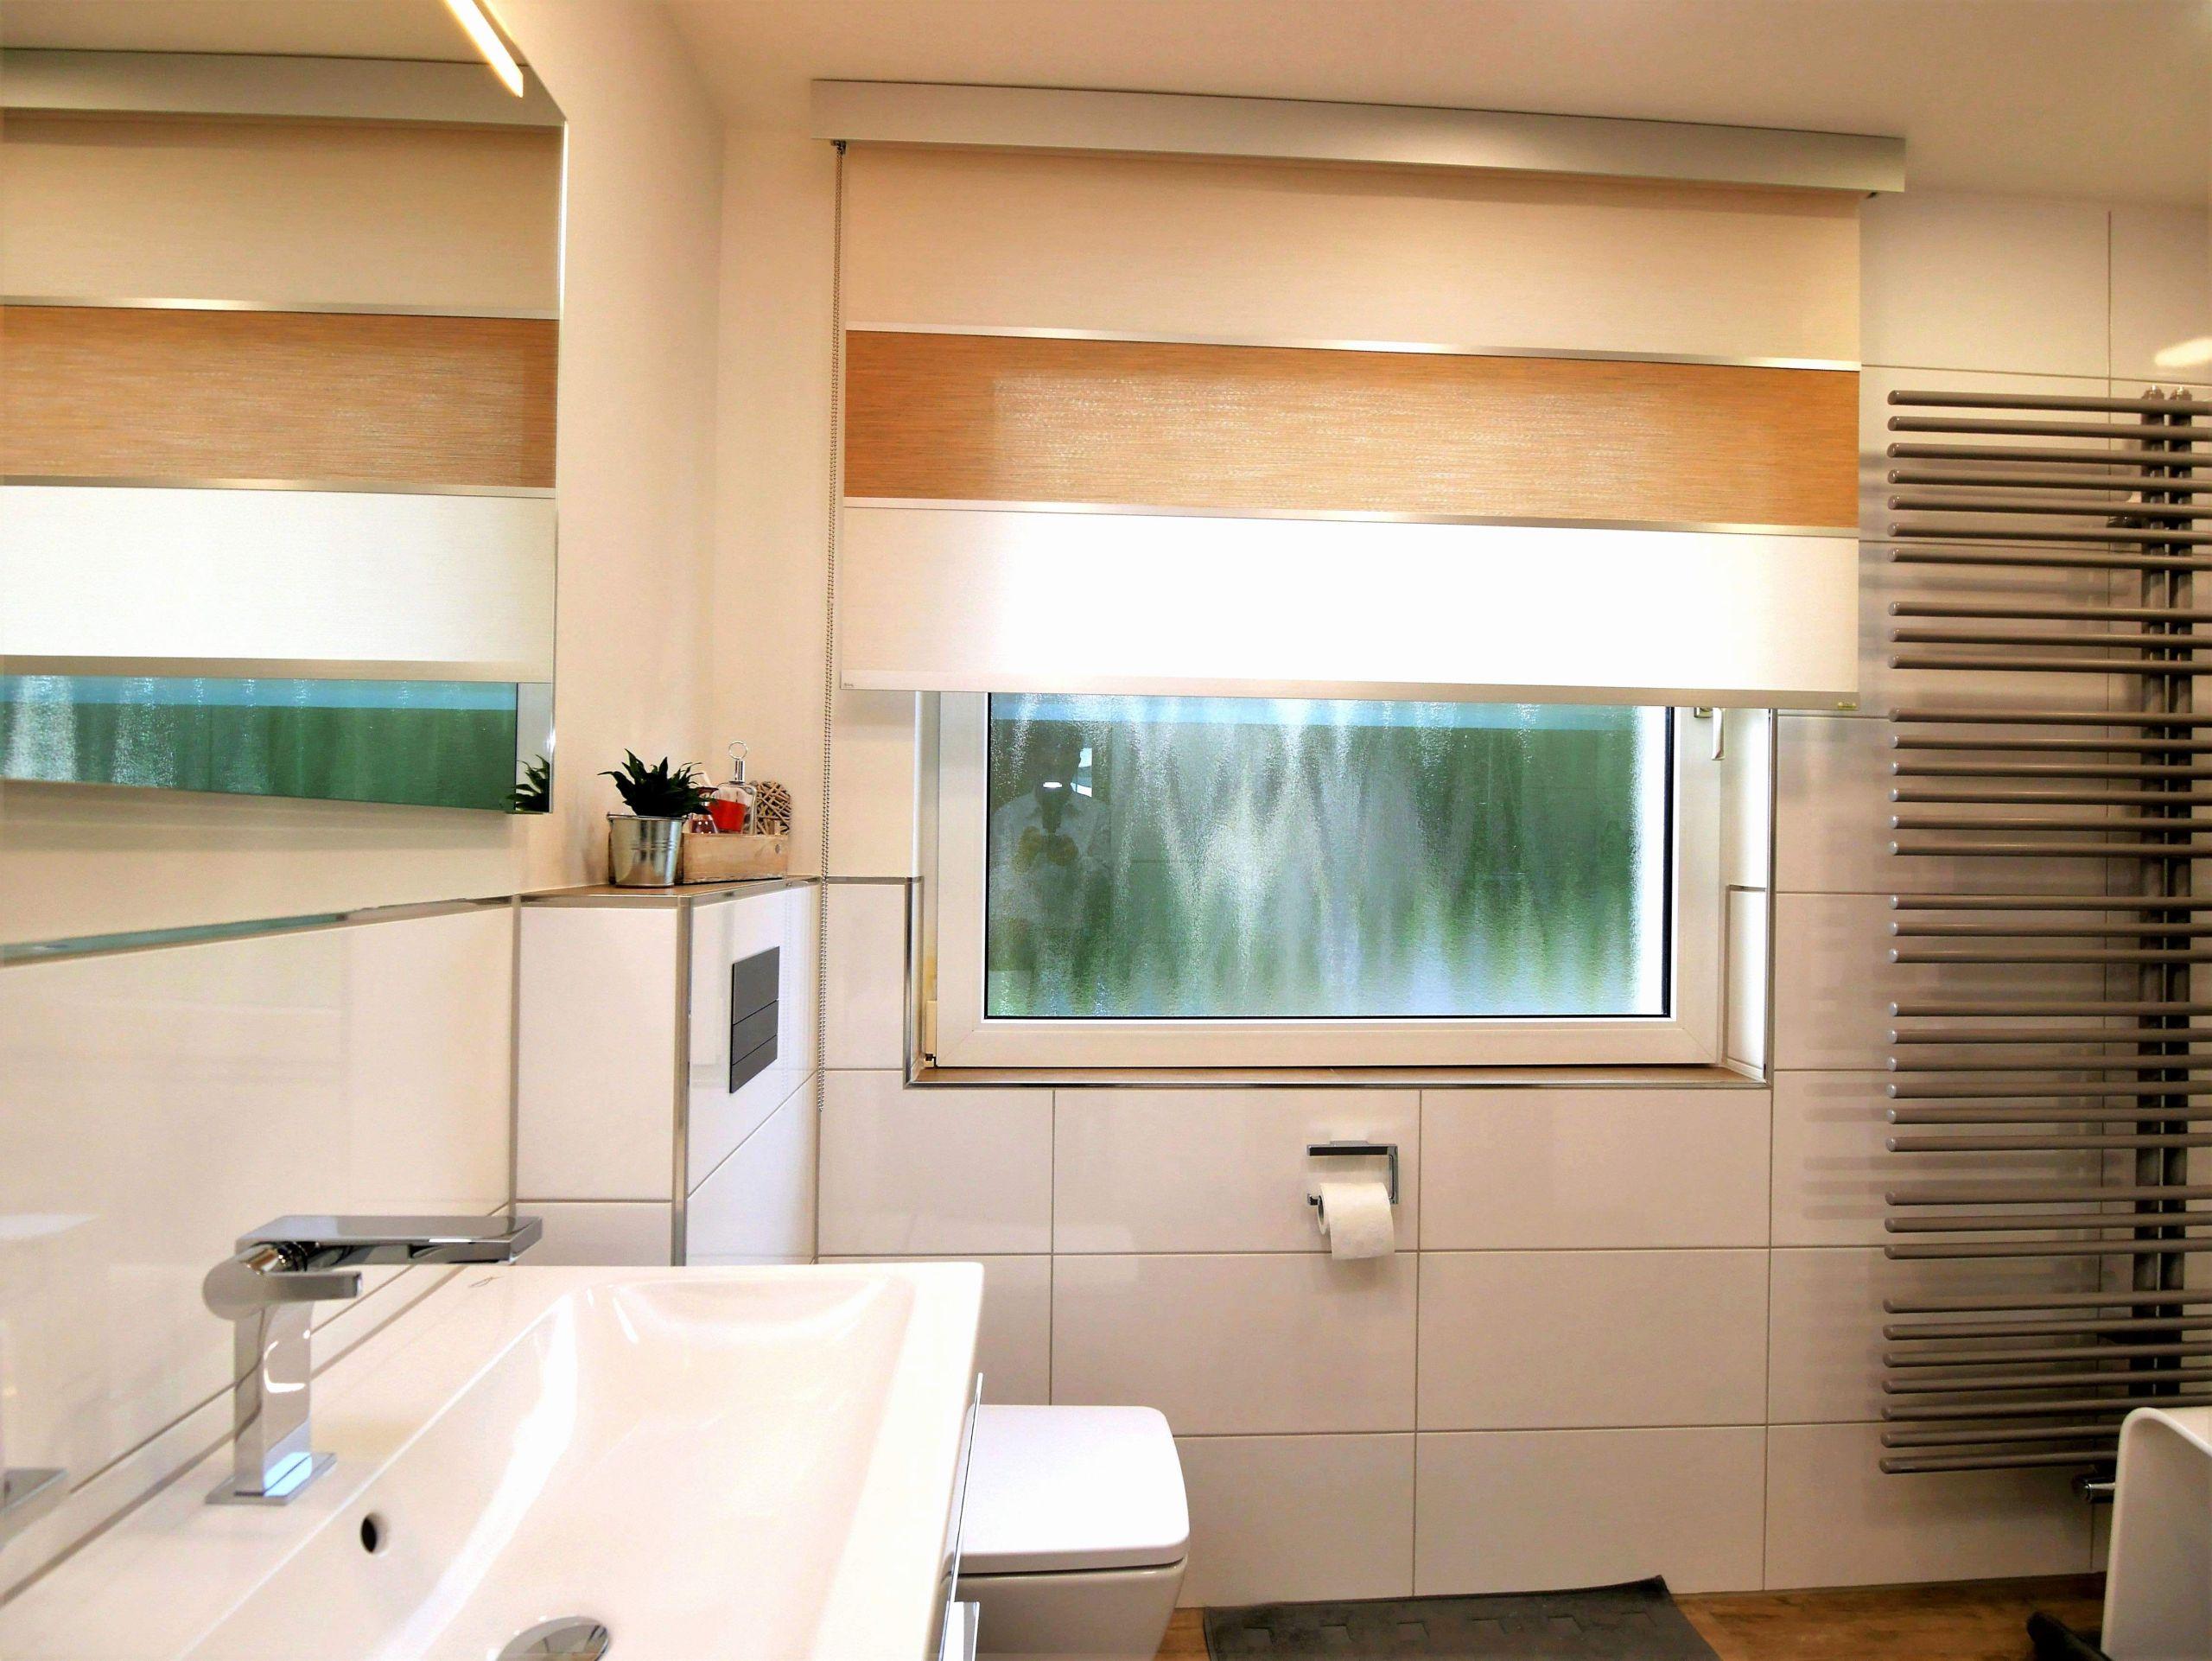 Full Size of Raffrollo Küchenfenster 29 Elegant Wohnzimmer Modern Luxus Frisch Küche Wohnzimmer Raffrollo Küchenfenster